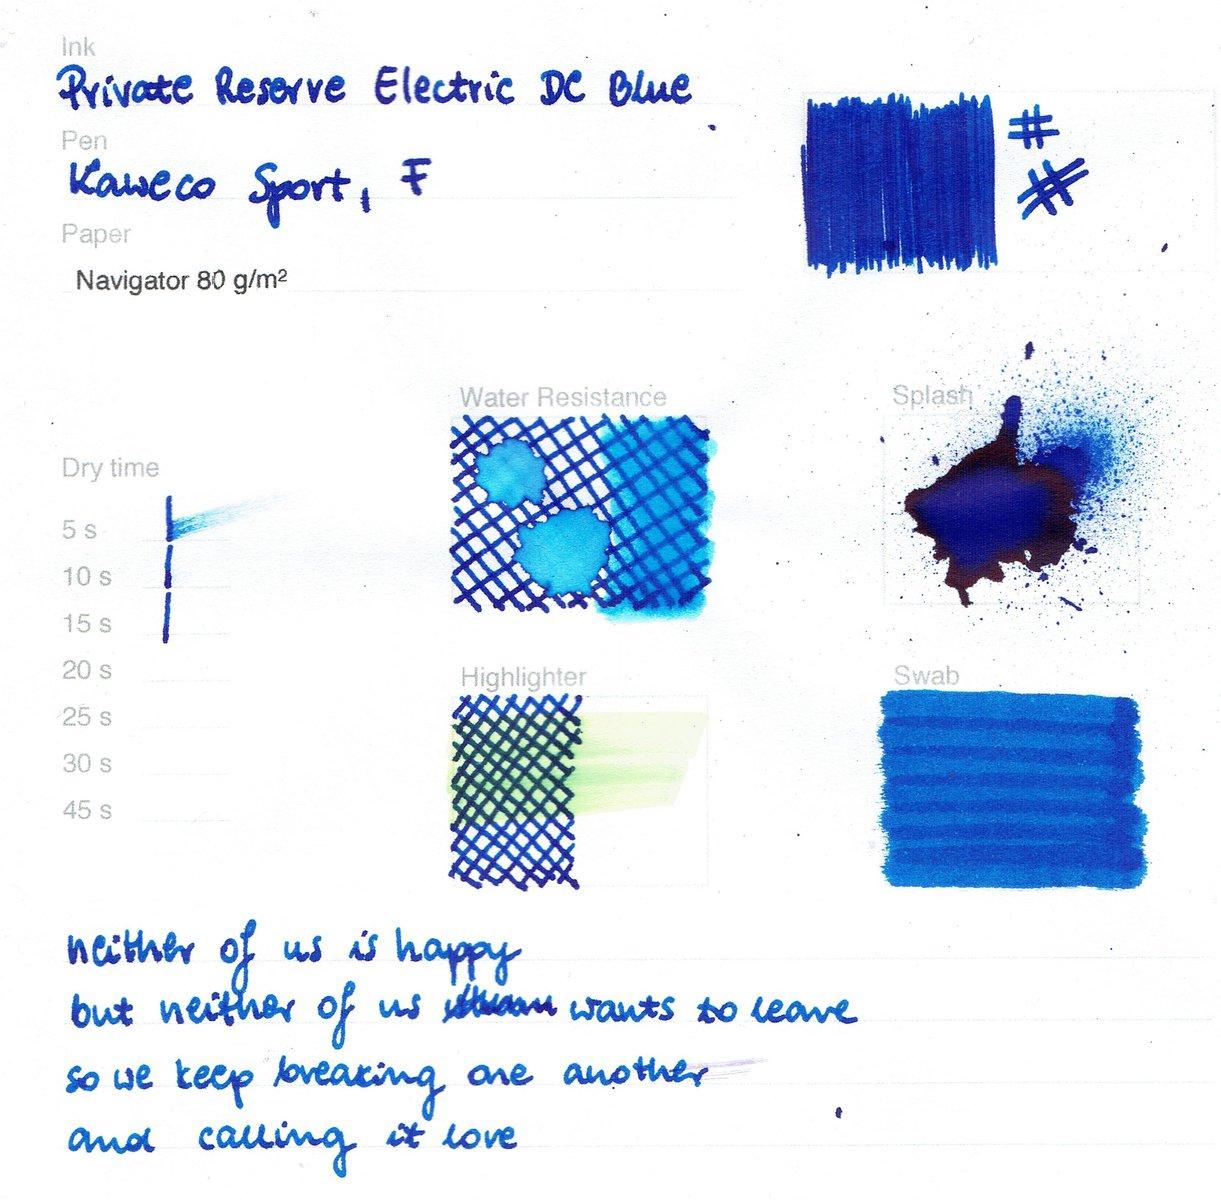 large.5a8349c52f0b7_PrivateReserveElectricDCBlue_1.jpg.2d229bc2c02429de2d6826ec96ed4fd0.jpg